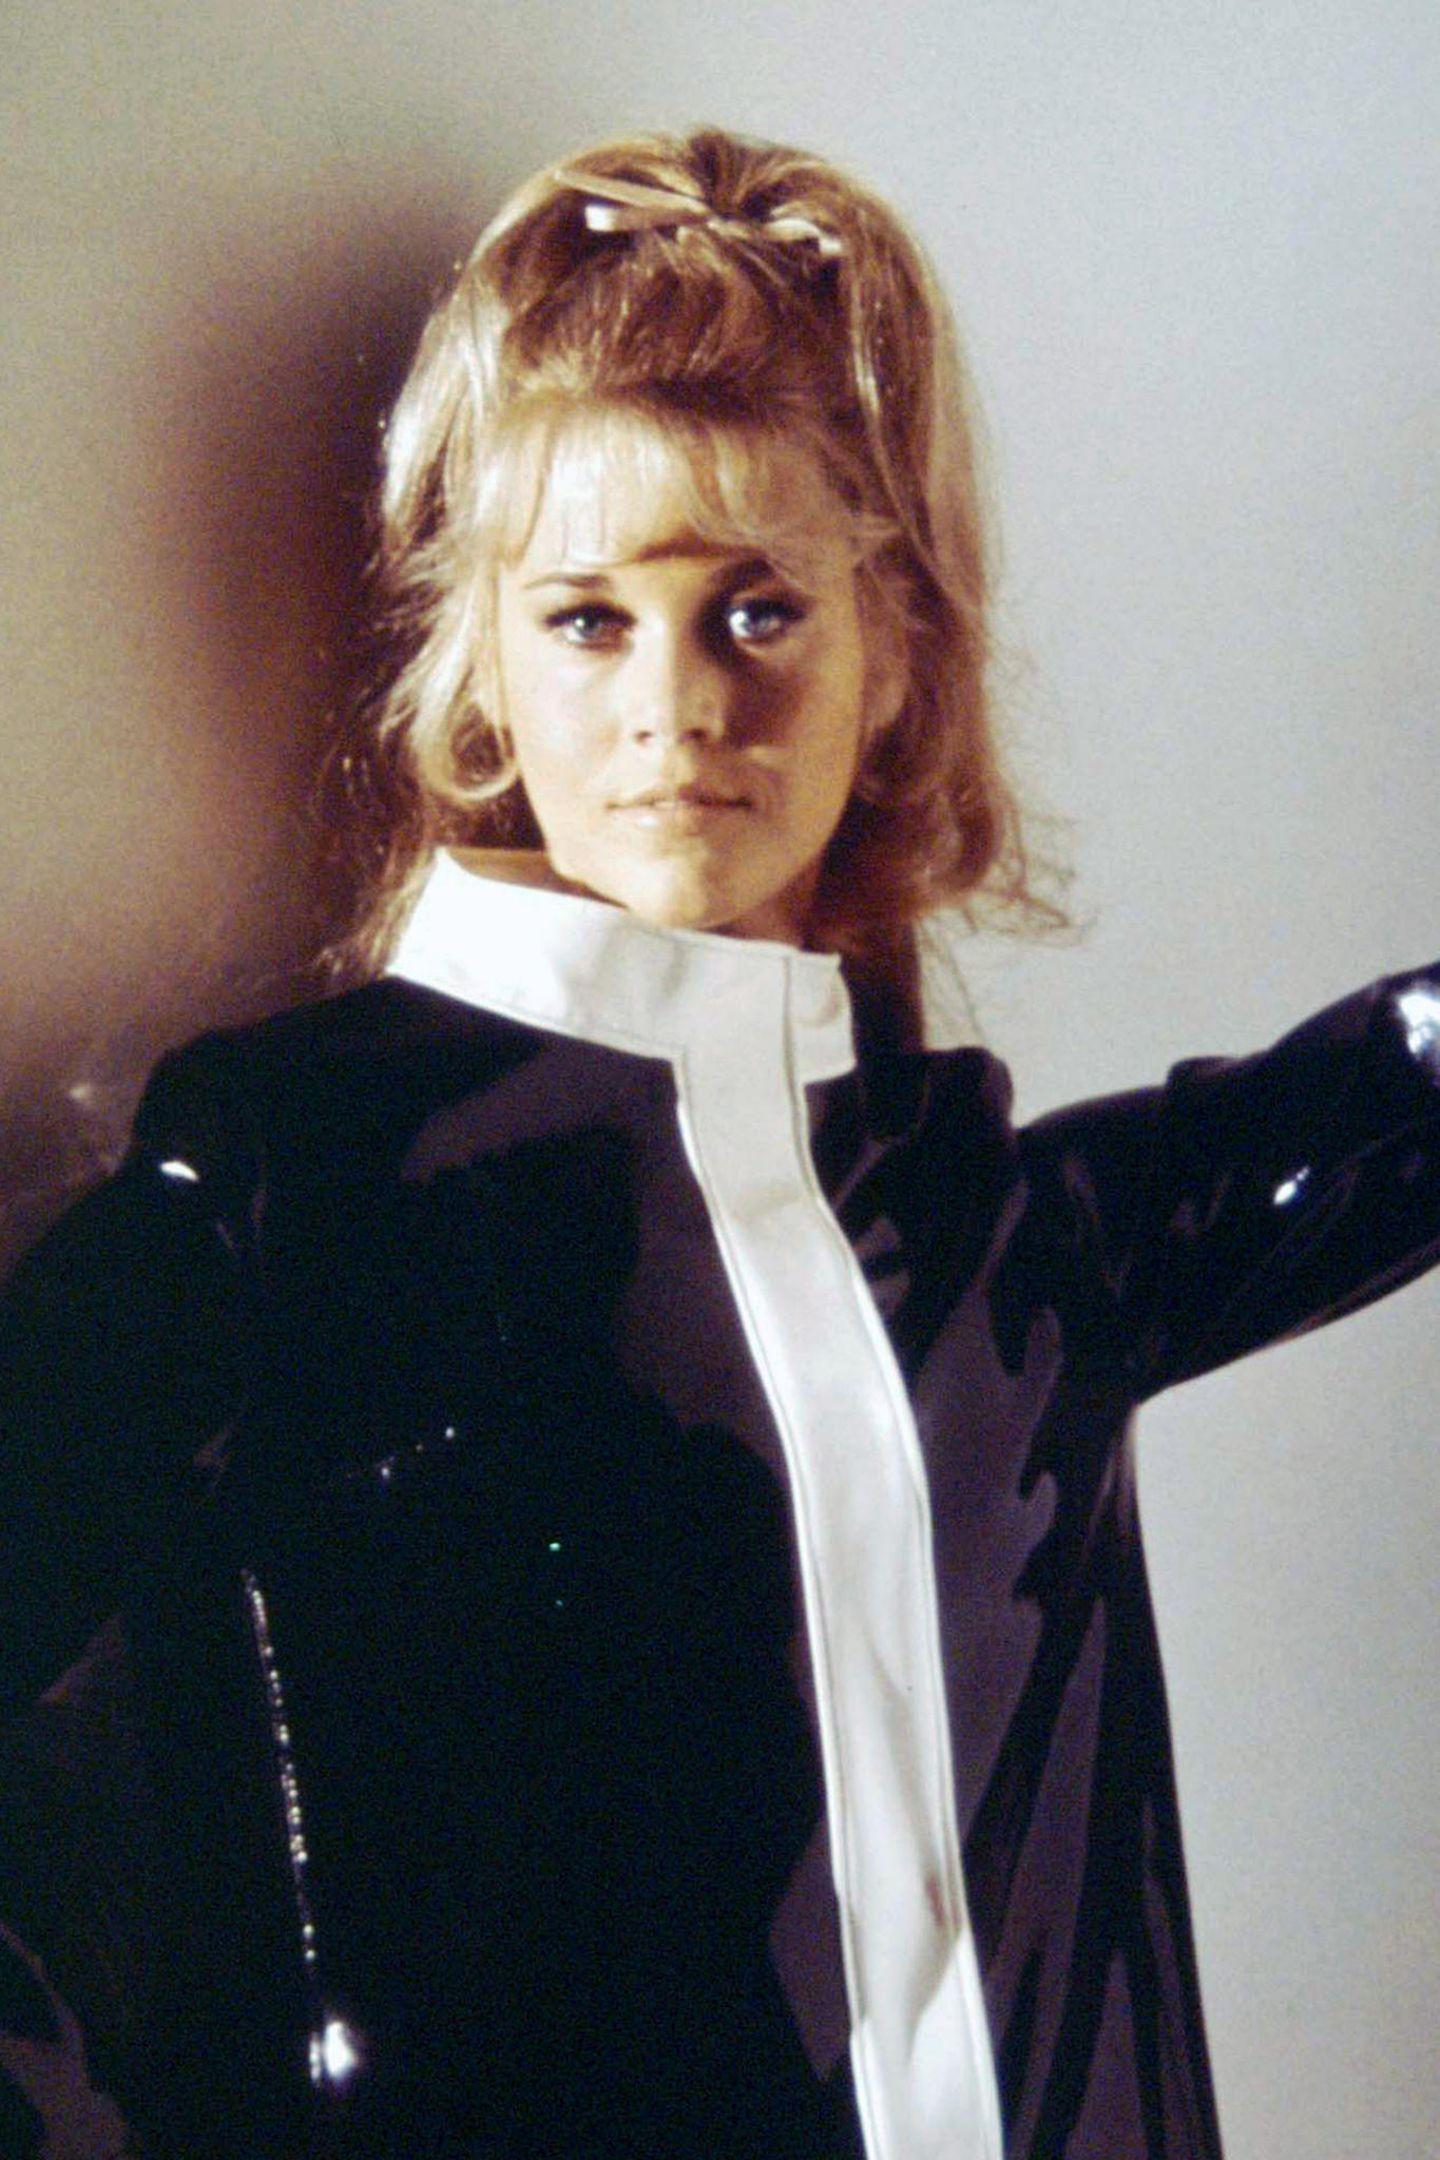 """In den 60er und 70er Jahren war Hollywood-Star Jane Fonda durch Filme wie """"Barbarella"""" und später ihreweltweit gehypten Fitness-Videos nicht nurein echtes Sexsymbol, sondern auch mit anspruchsvolleren Rollen sehr erfolgreich. Schließlich kann sie zwei Oscars und unzählige andere Preise ihr eigen nennen."""